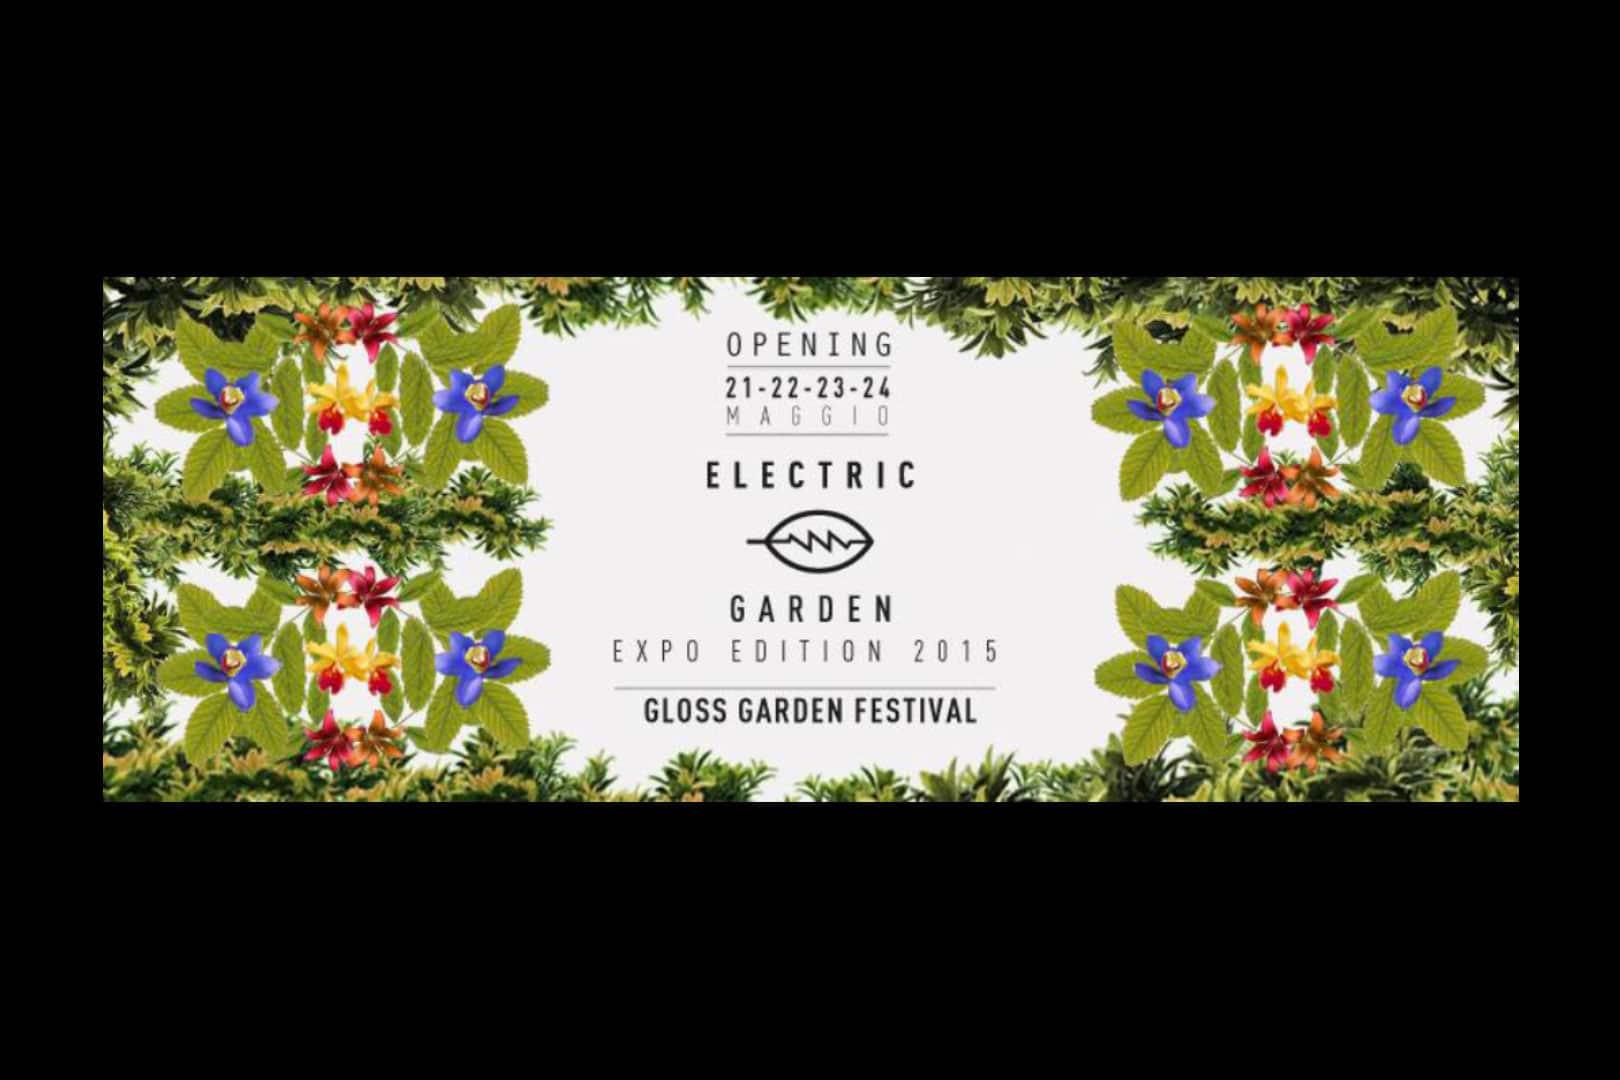 Electric Garden Expo Edition